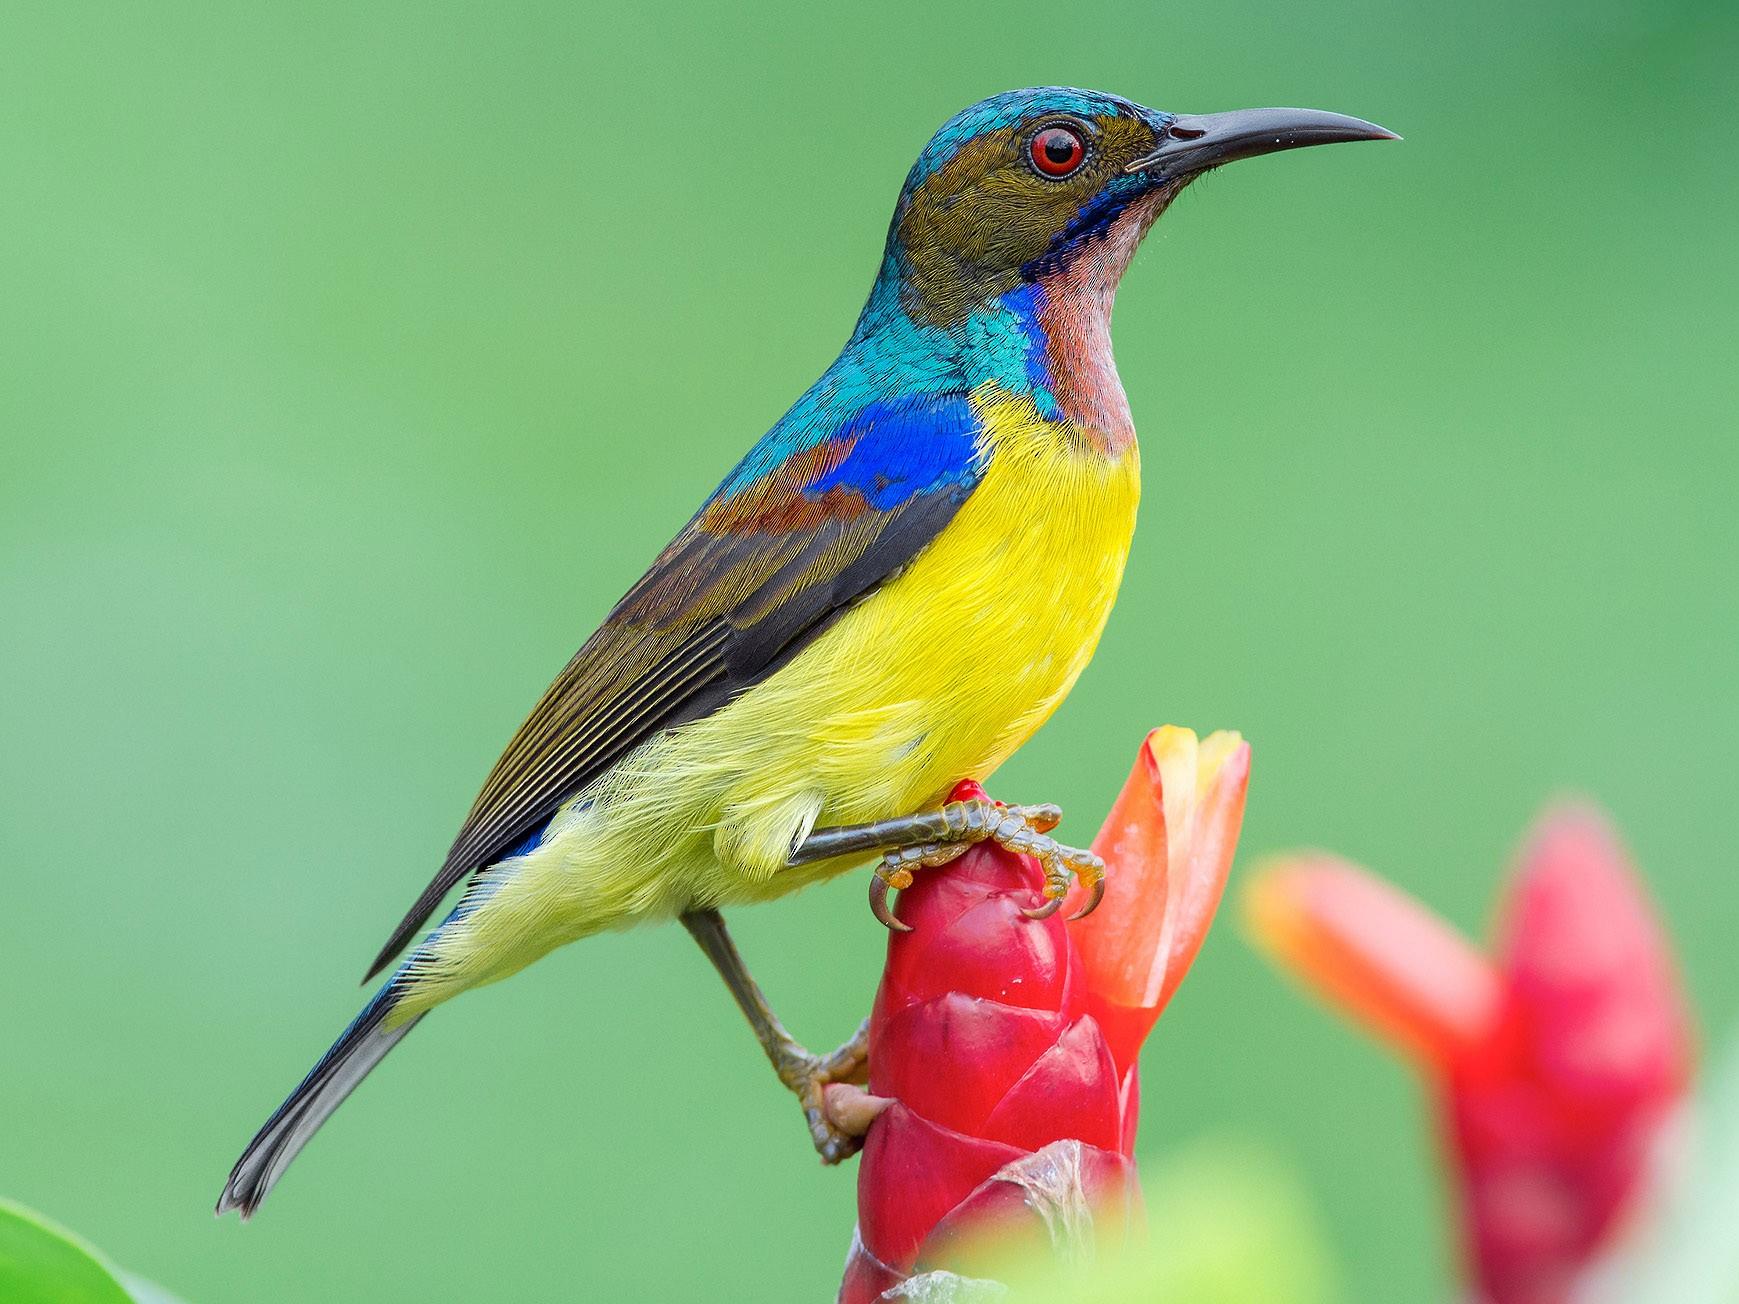 Brown-throated Sunbird - Natthaphat Chotjuckdikul